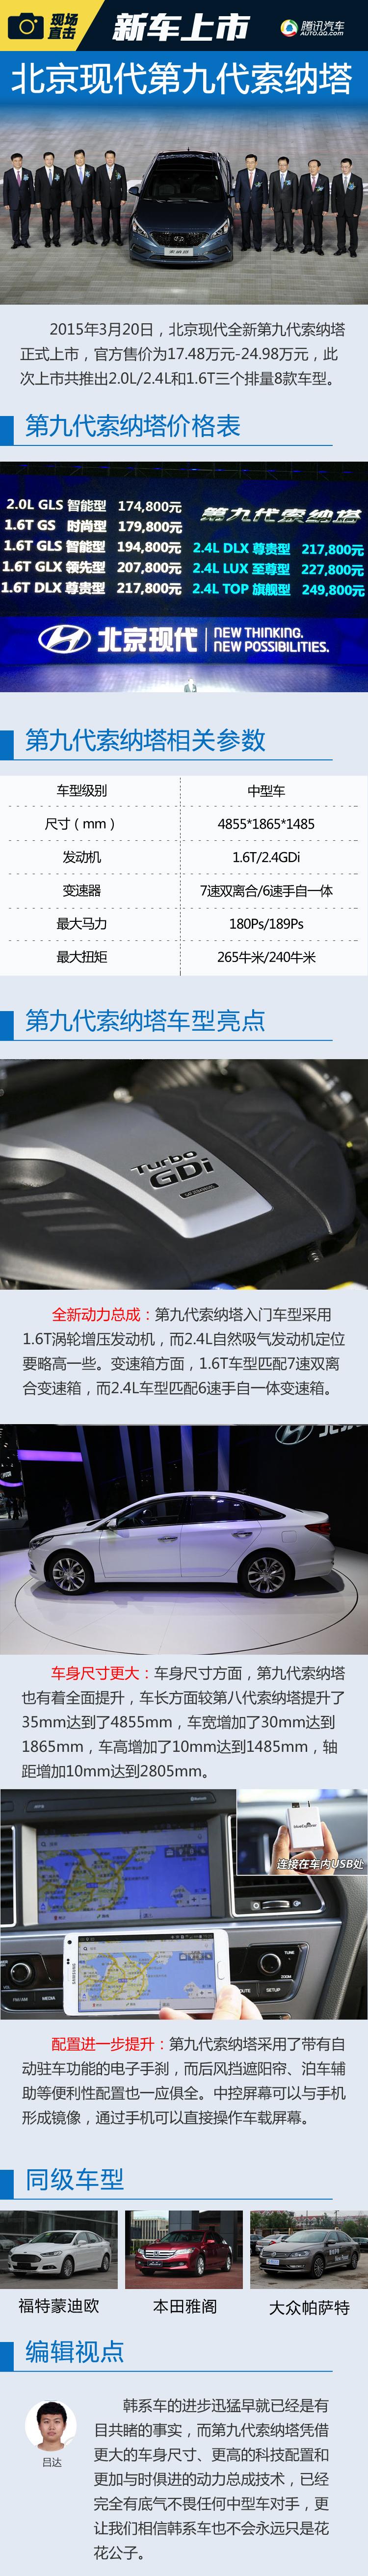 第九代索纳塔正式上市 售17.48-24.98万元